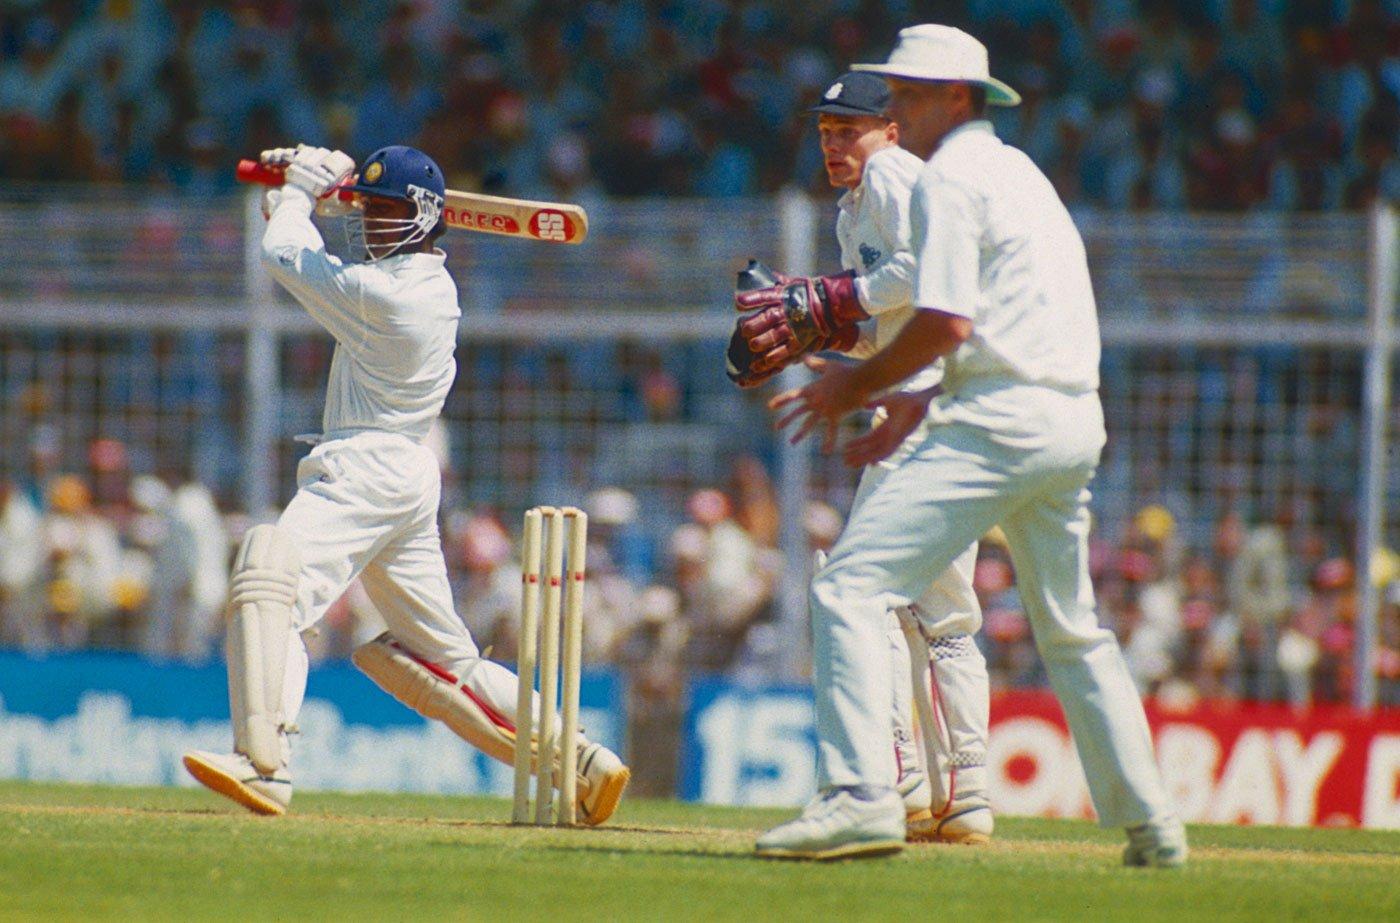 5 भारतीय बल्लेबाज जो प्रतिभा के साथ नहीं कर पाए न्याय, खुद बर्बाद कर लिया अपना करियर 9